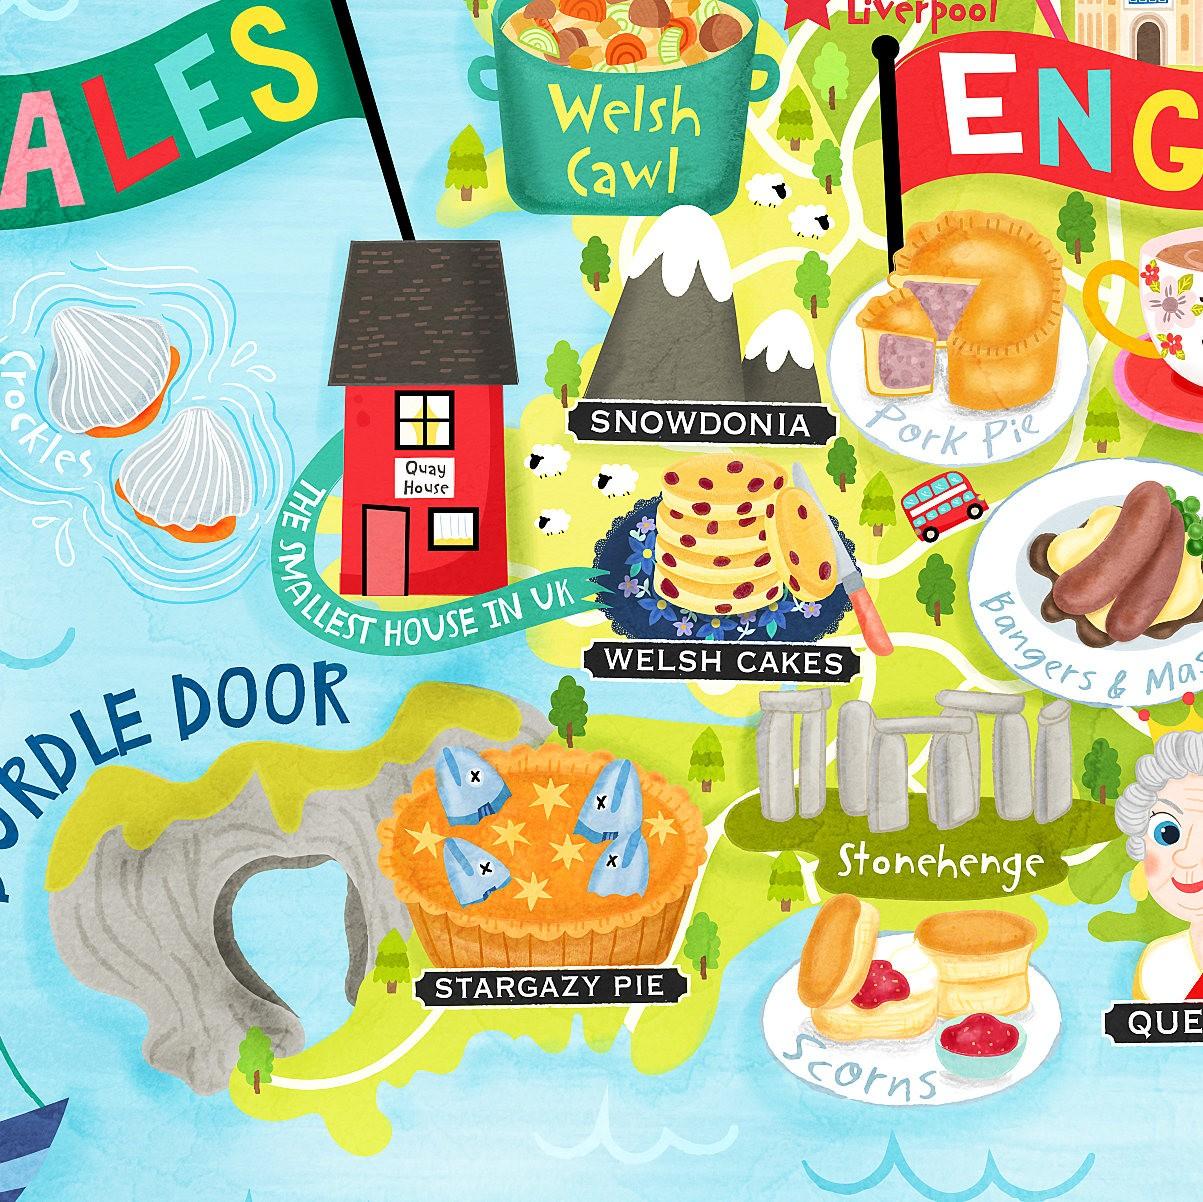 United Kingdom Map Illustration Art Print Wall Art Poster - Liv Wan ...